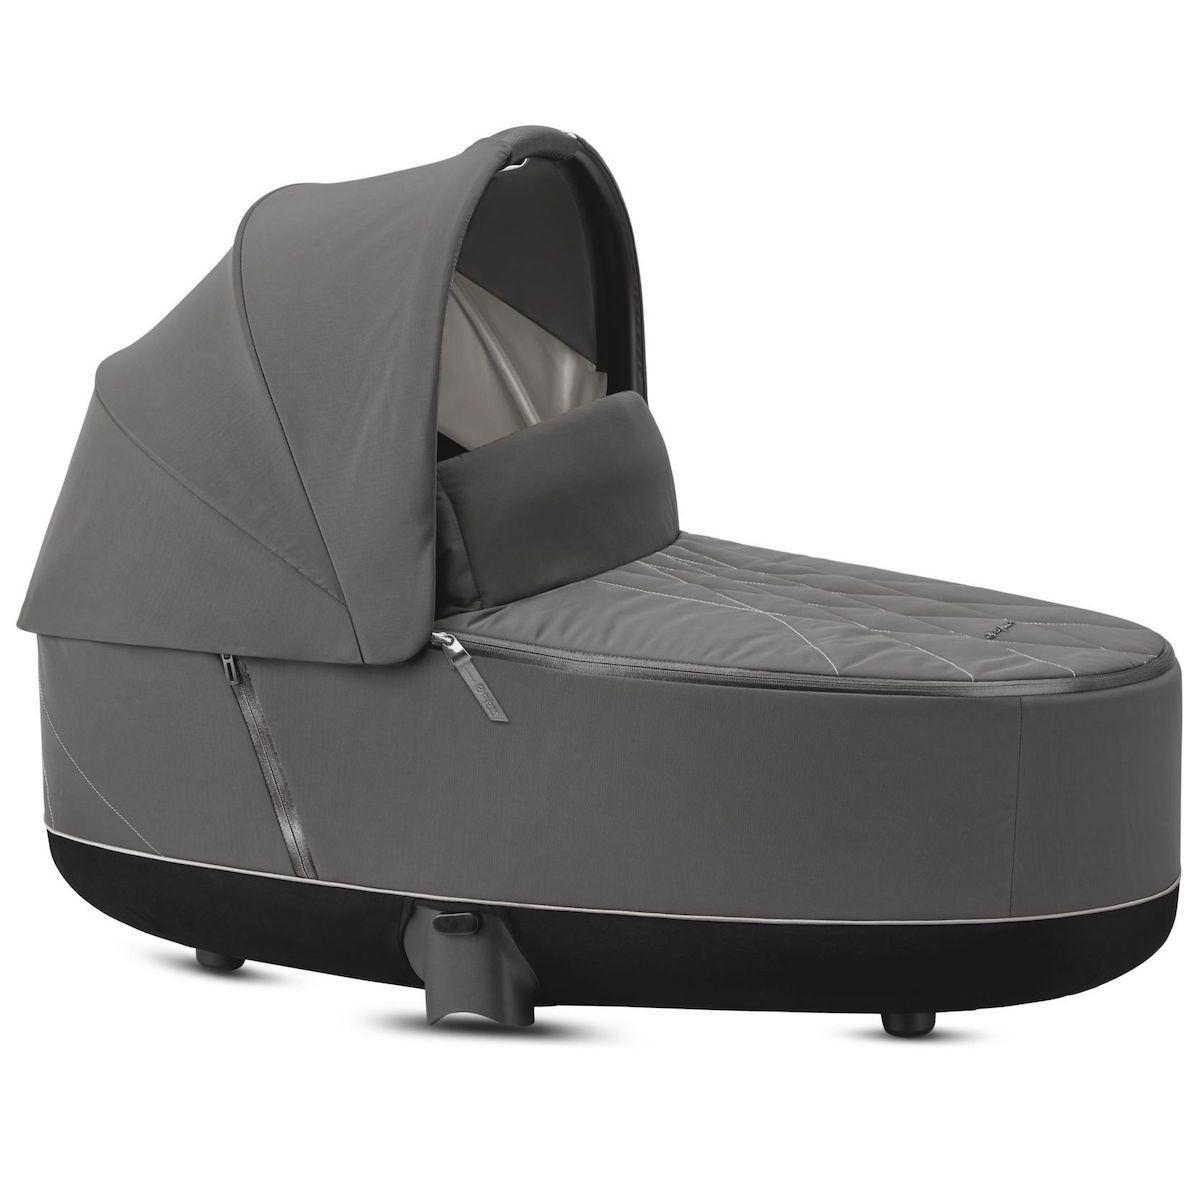 Capazo de luxe PRIAM Cybex Soho grey-mid grey